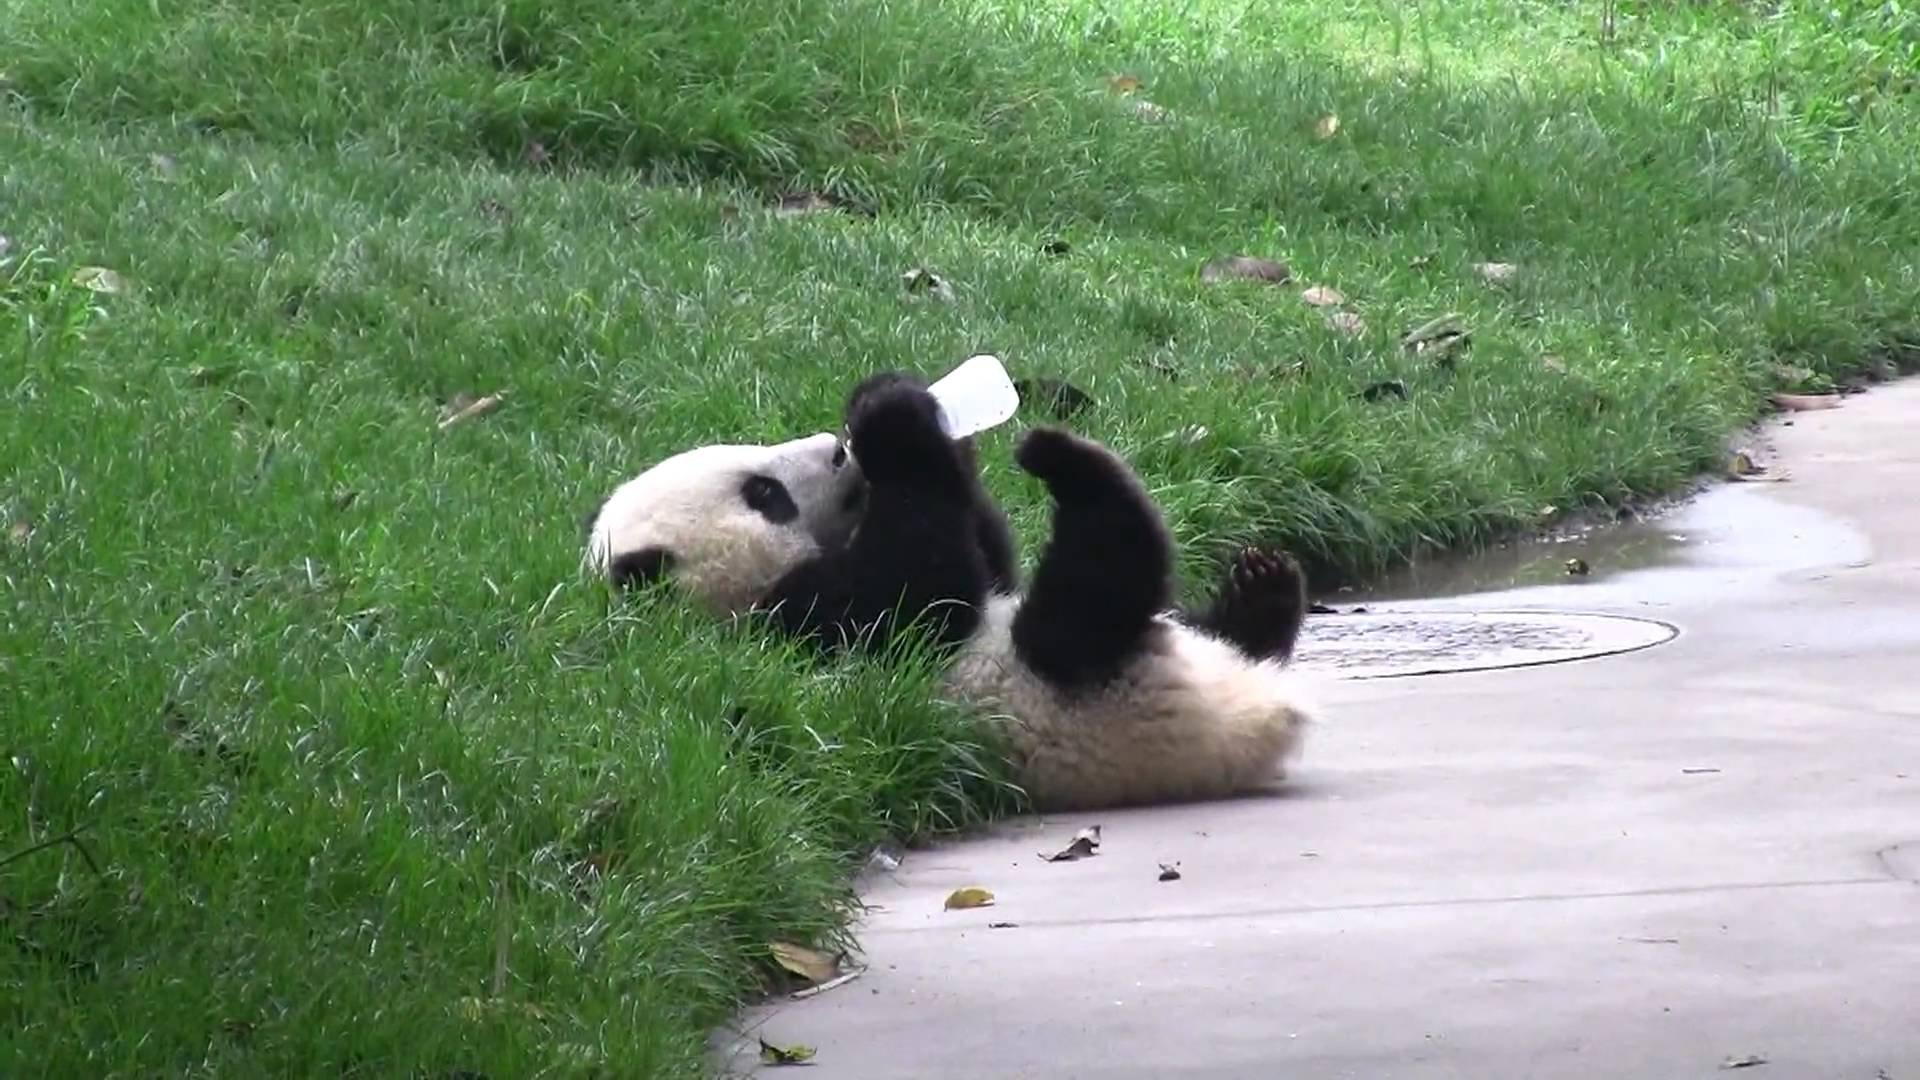 Panda pandas baer bears baby cute 12 wallpaper 1920x1080 364440 1920x1080